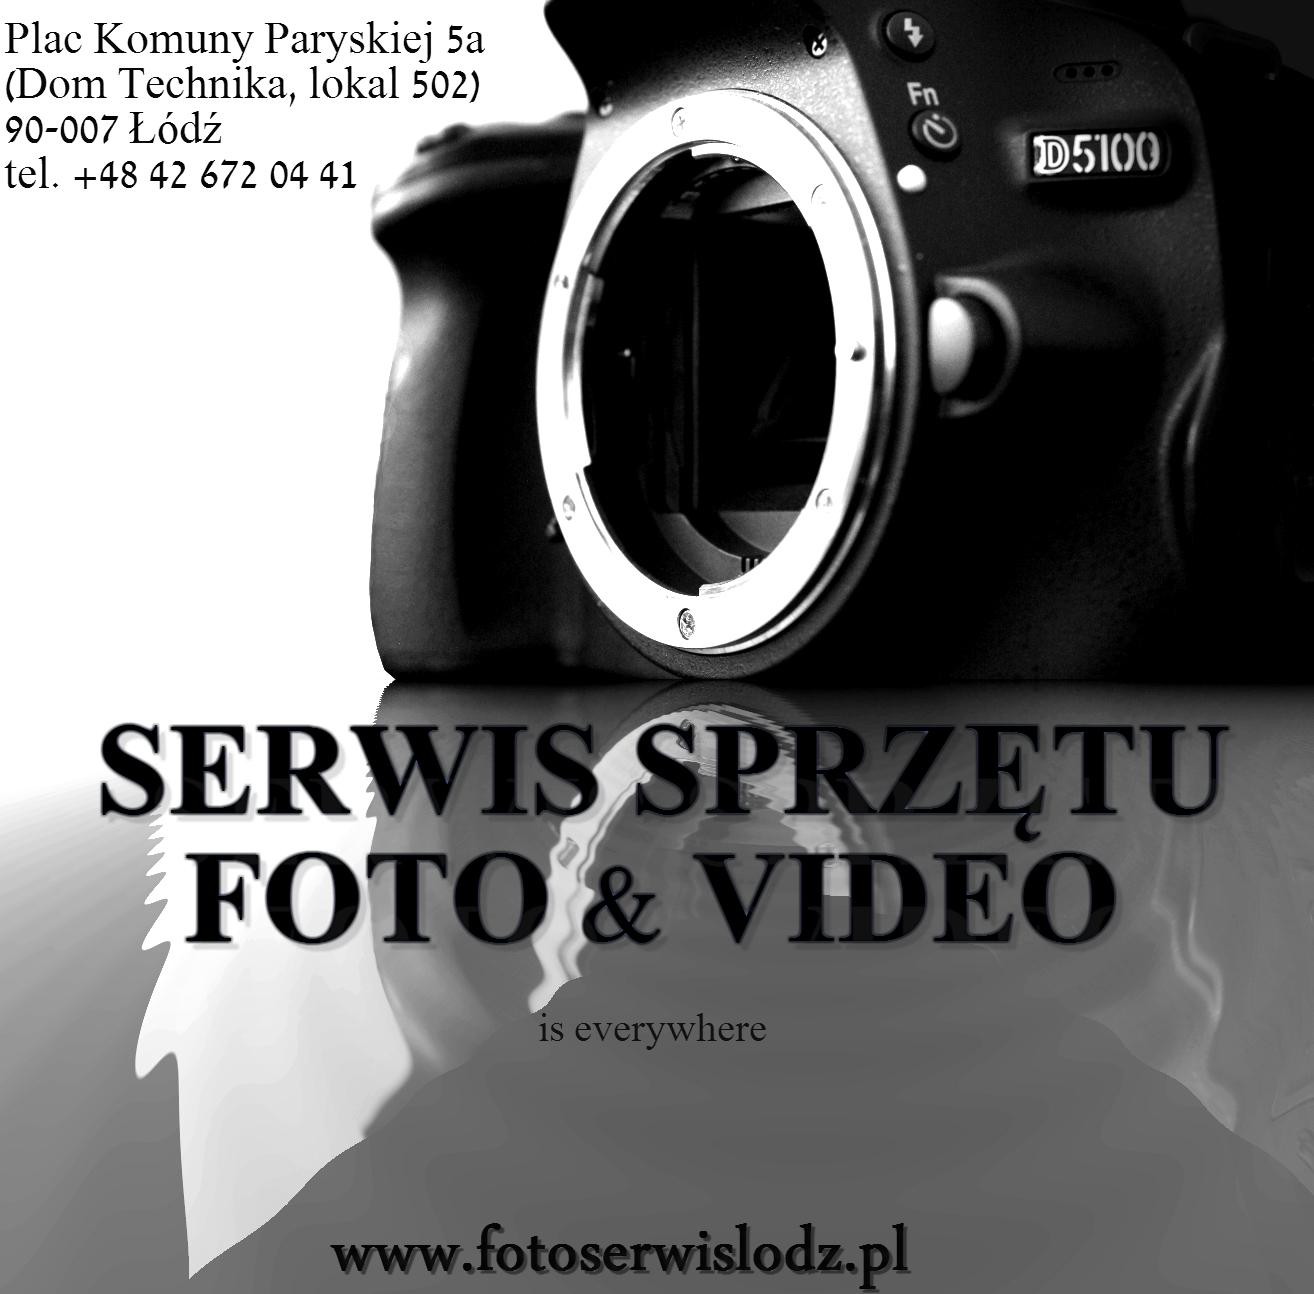 Naprawa sprzętu fotograficznego Łódź